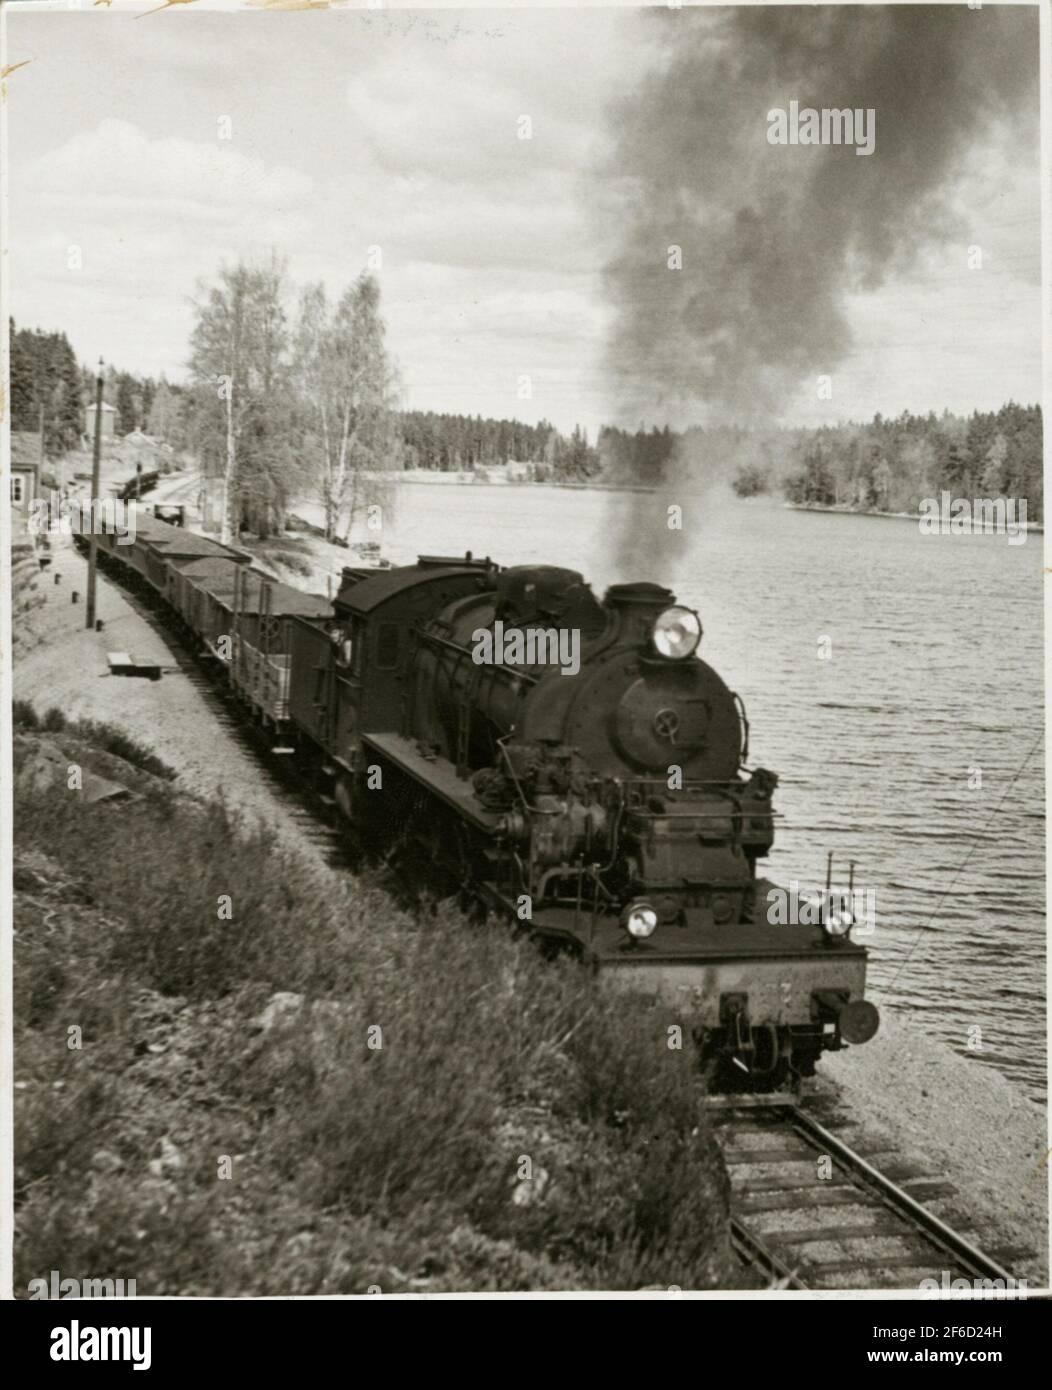 La compañía de tráfico Grängesberg - Ferrocarriles de Oxelösund, TGOJ M3T 73 delante de varios vehículos de mineral en Harsjön. Foto de stock